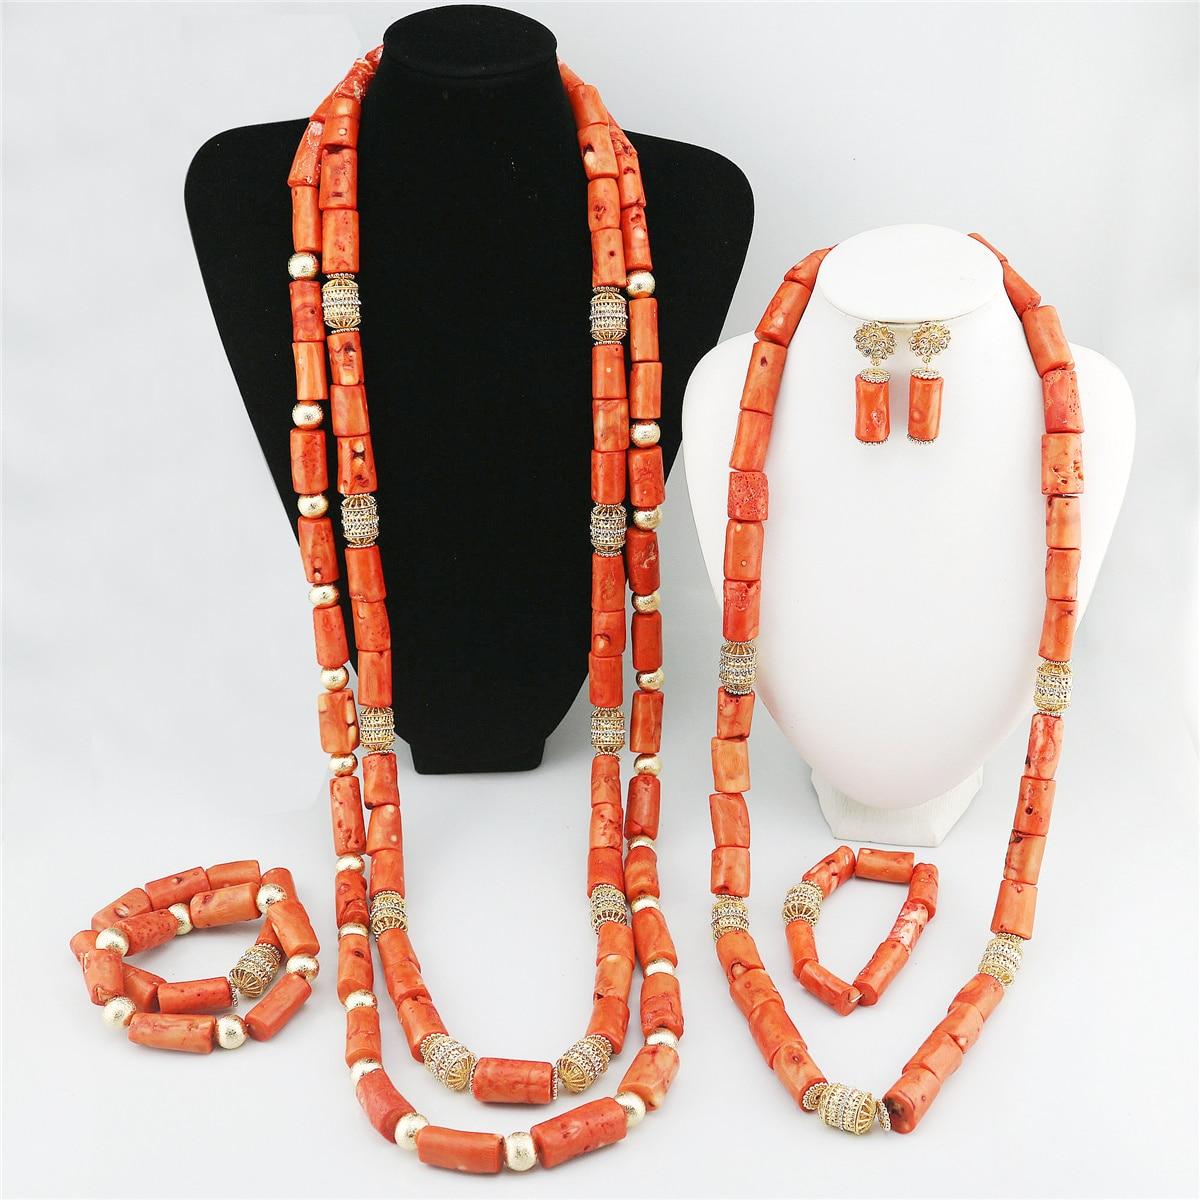 2021 عالية الجودة النيجيري الزفاف الخرز الأفريقي الزفاف زي مجوهرات بيان قلادة المرأة اليدوية دبي المرجان الحقيقي